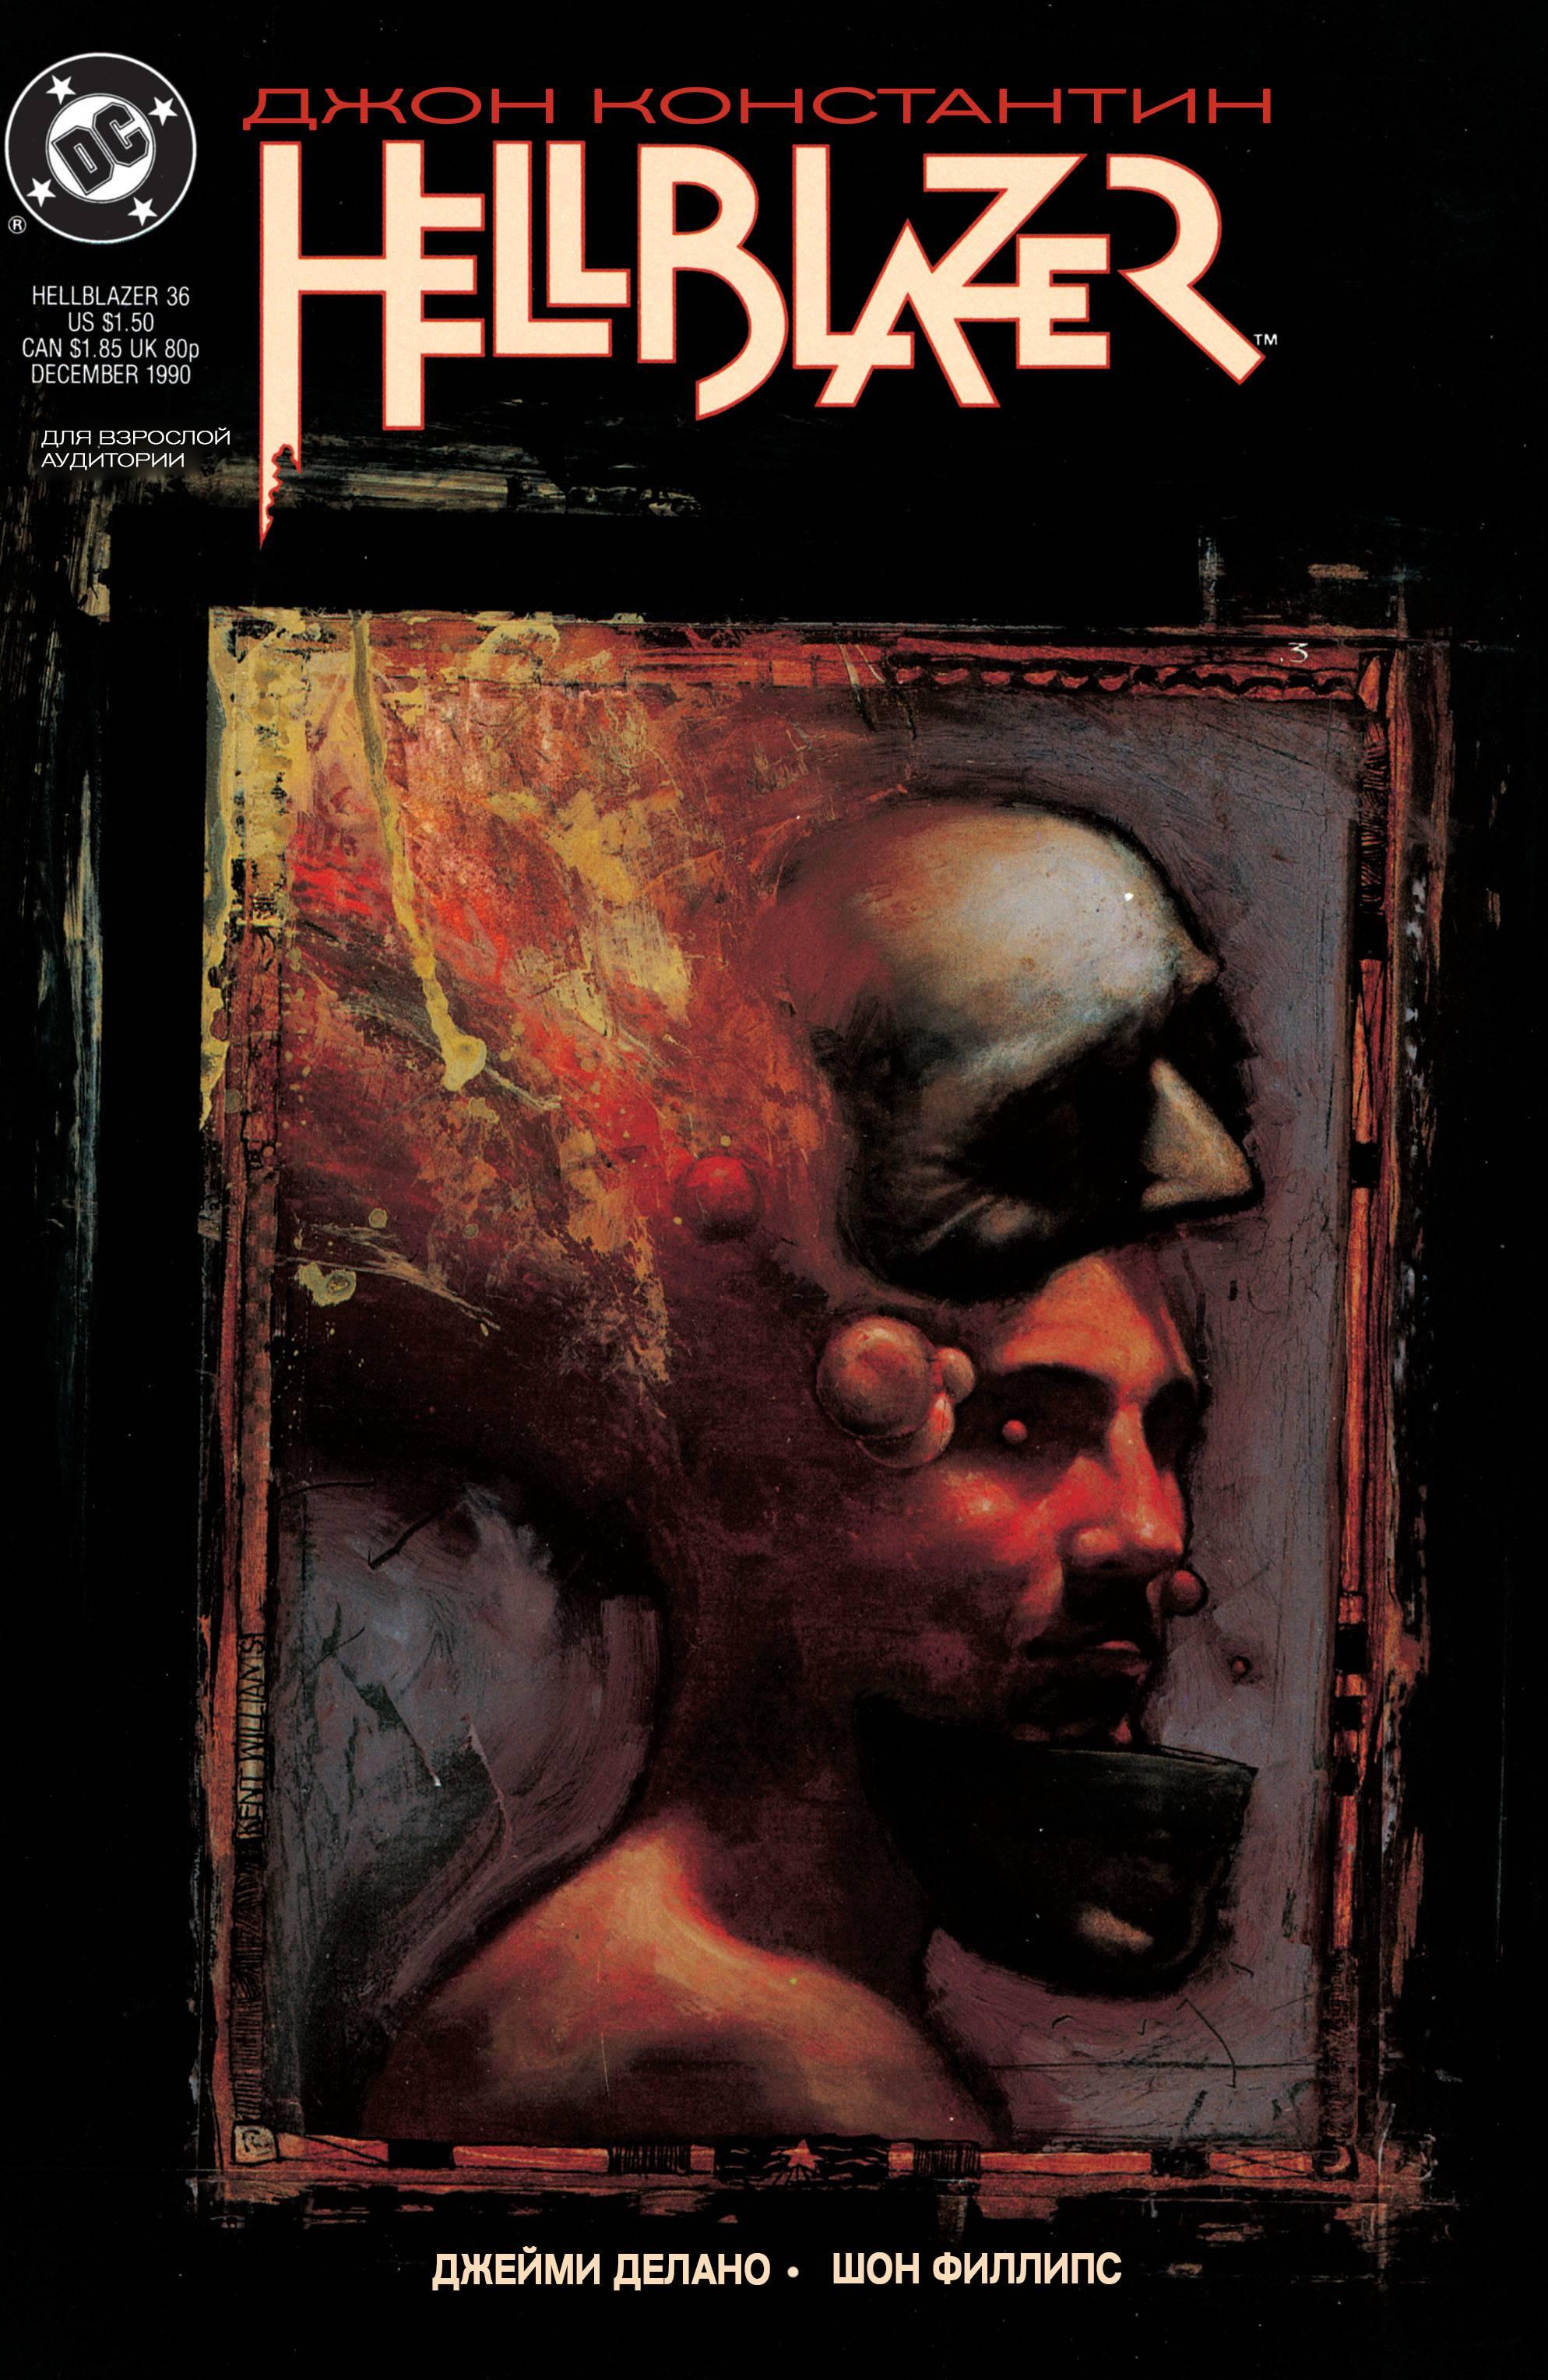 Джон Константин: Посланник ада №36 онлайн